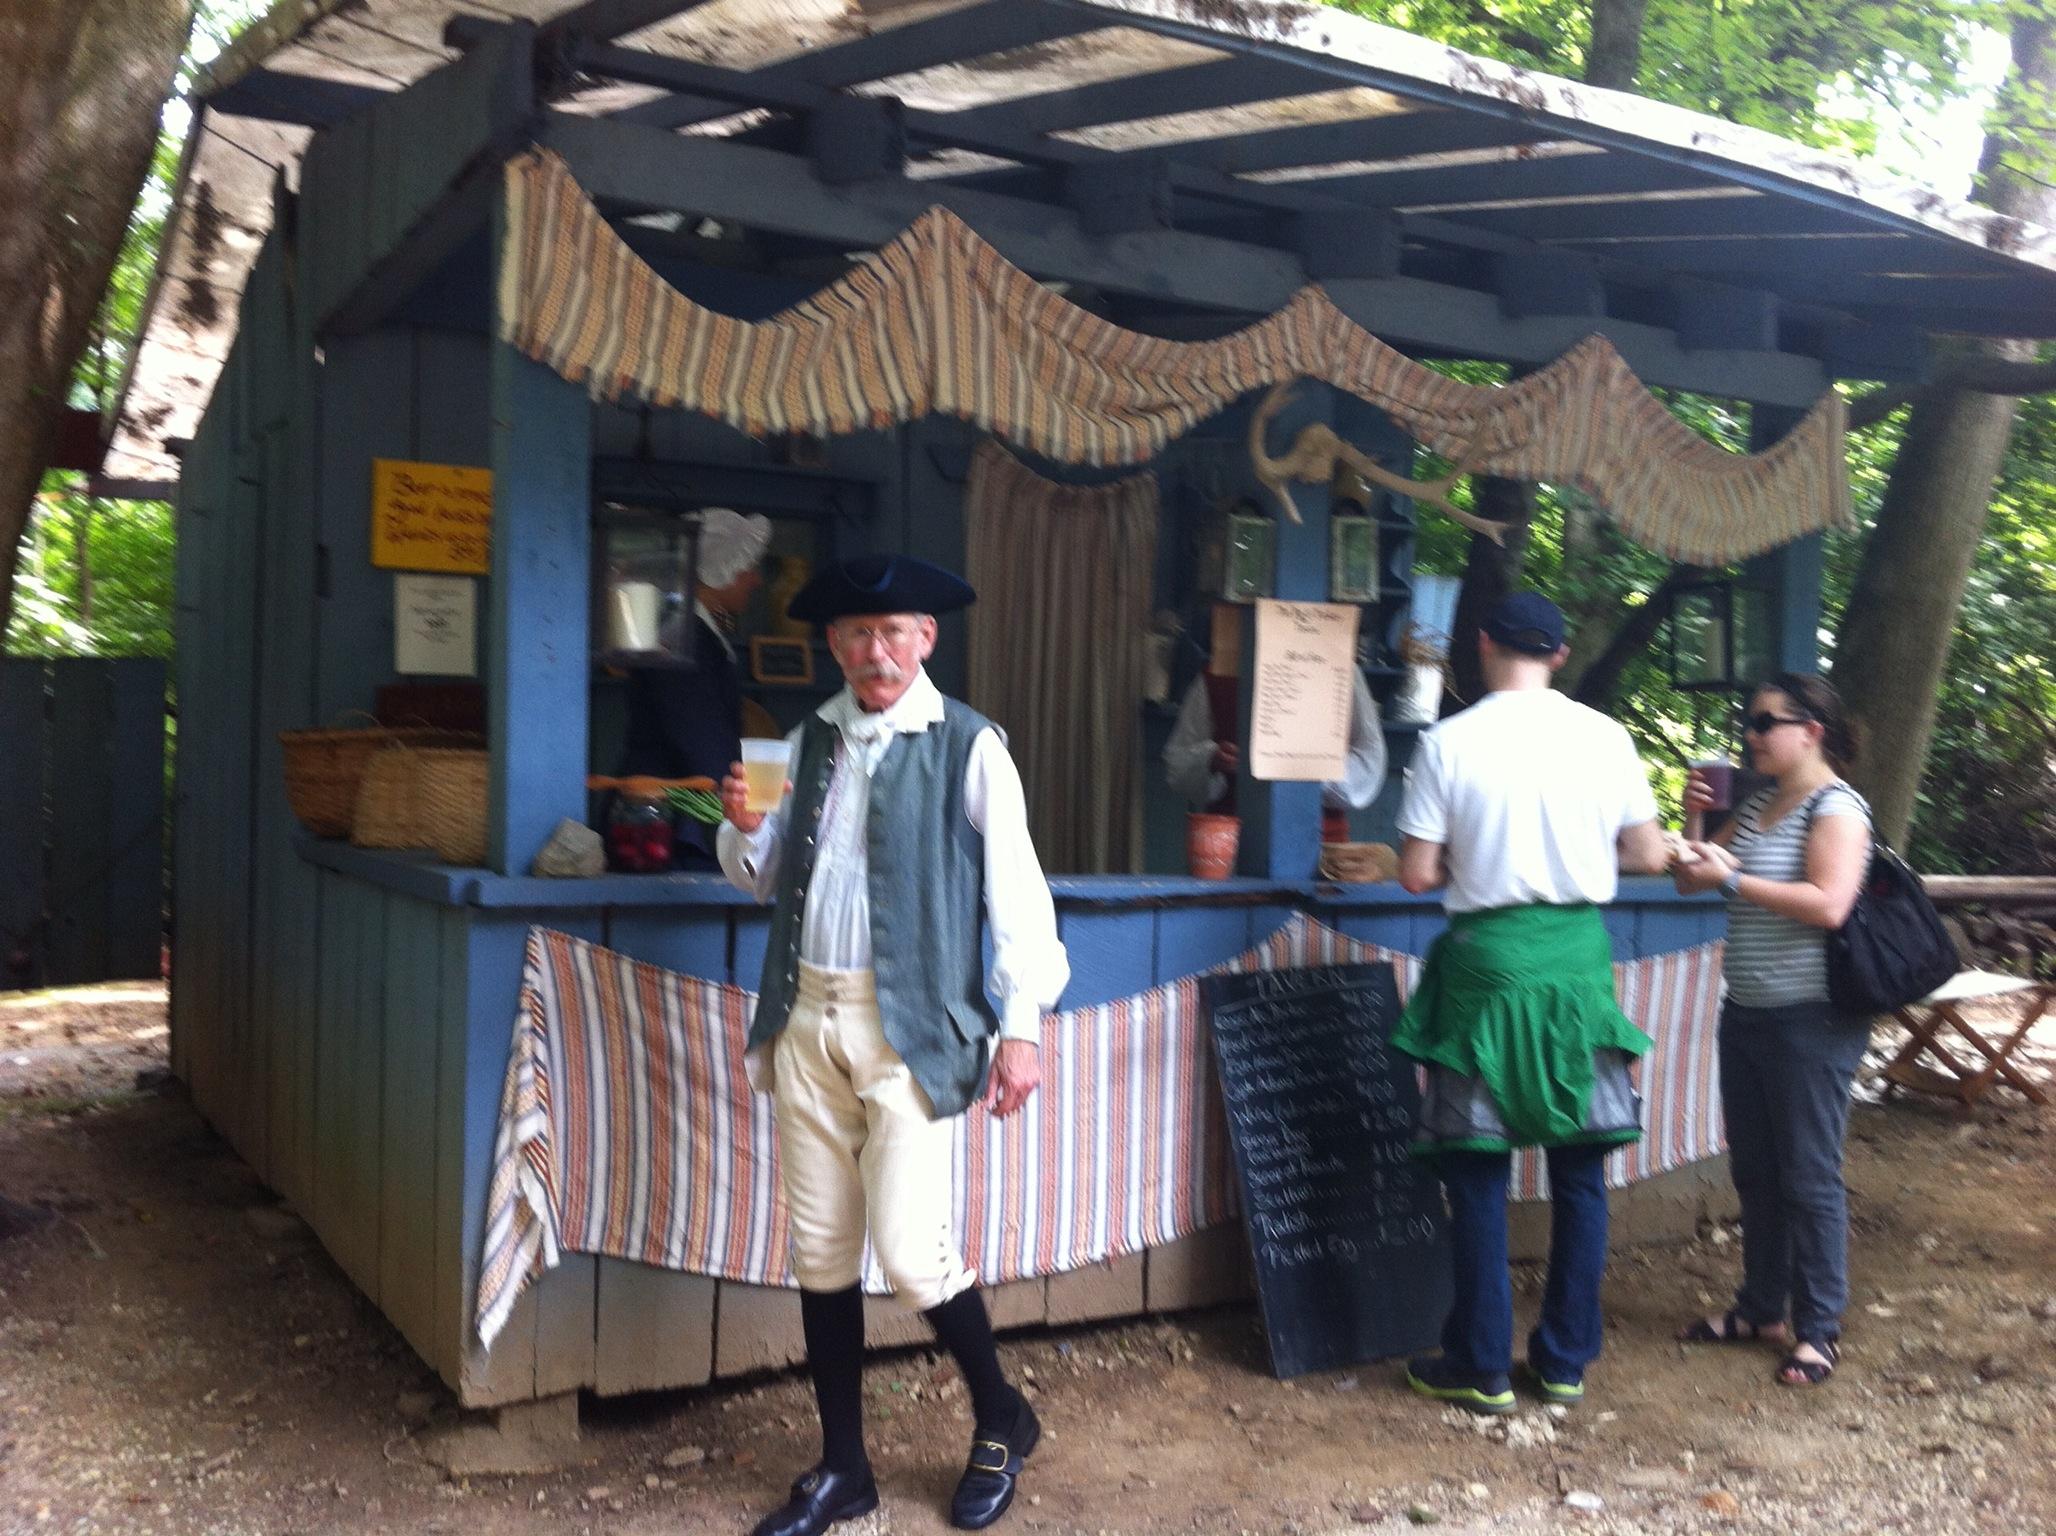 Claude Moore Colonial Farm Market